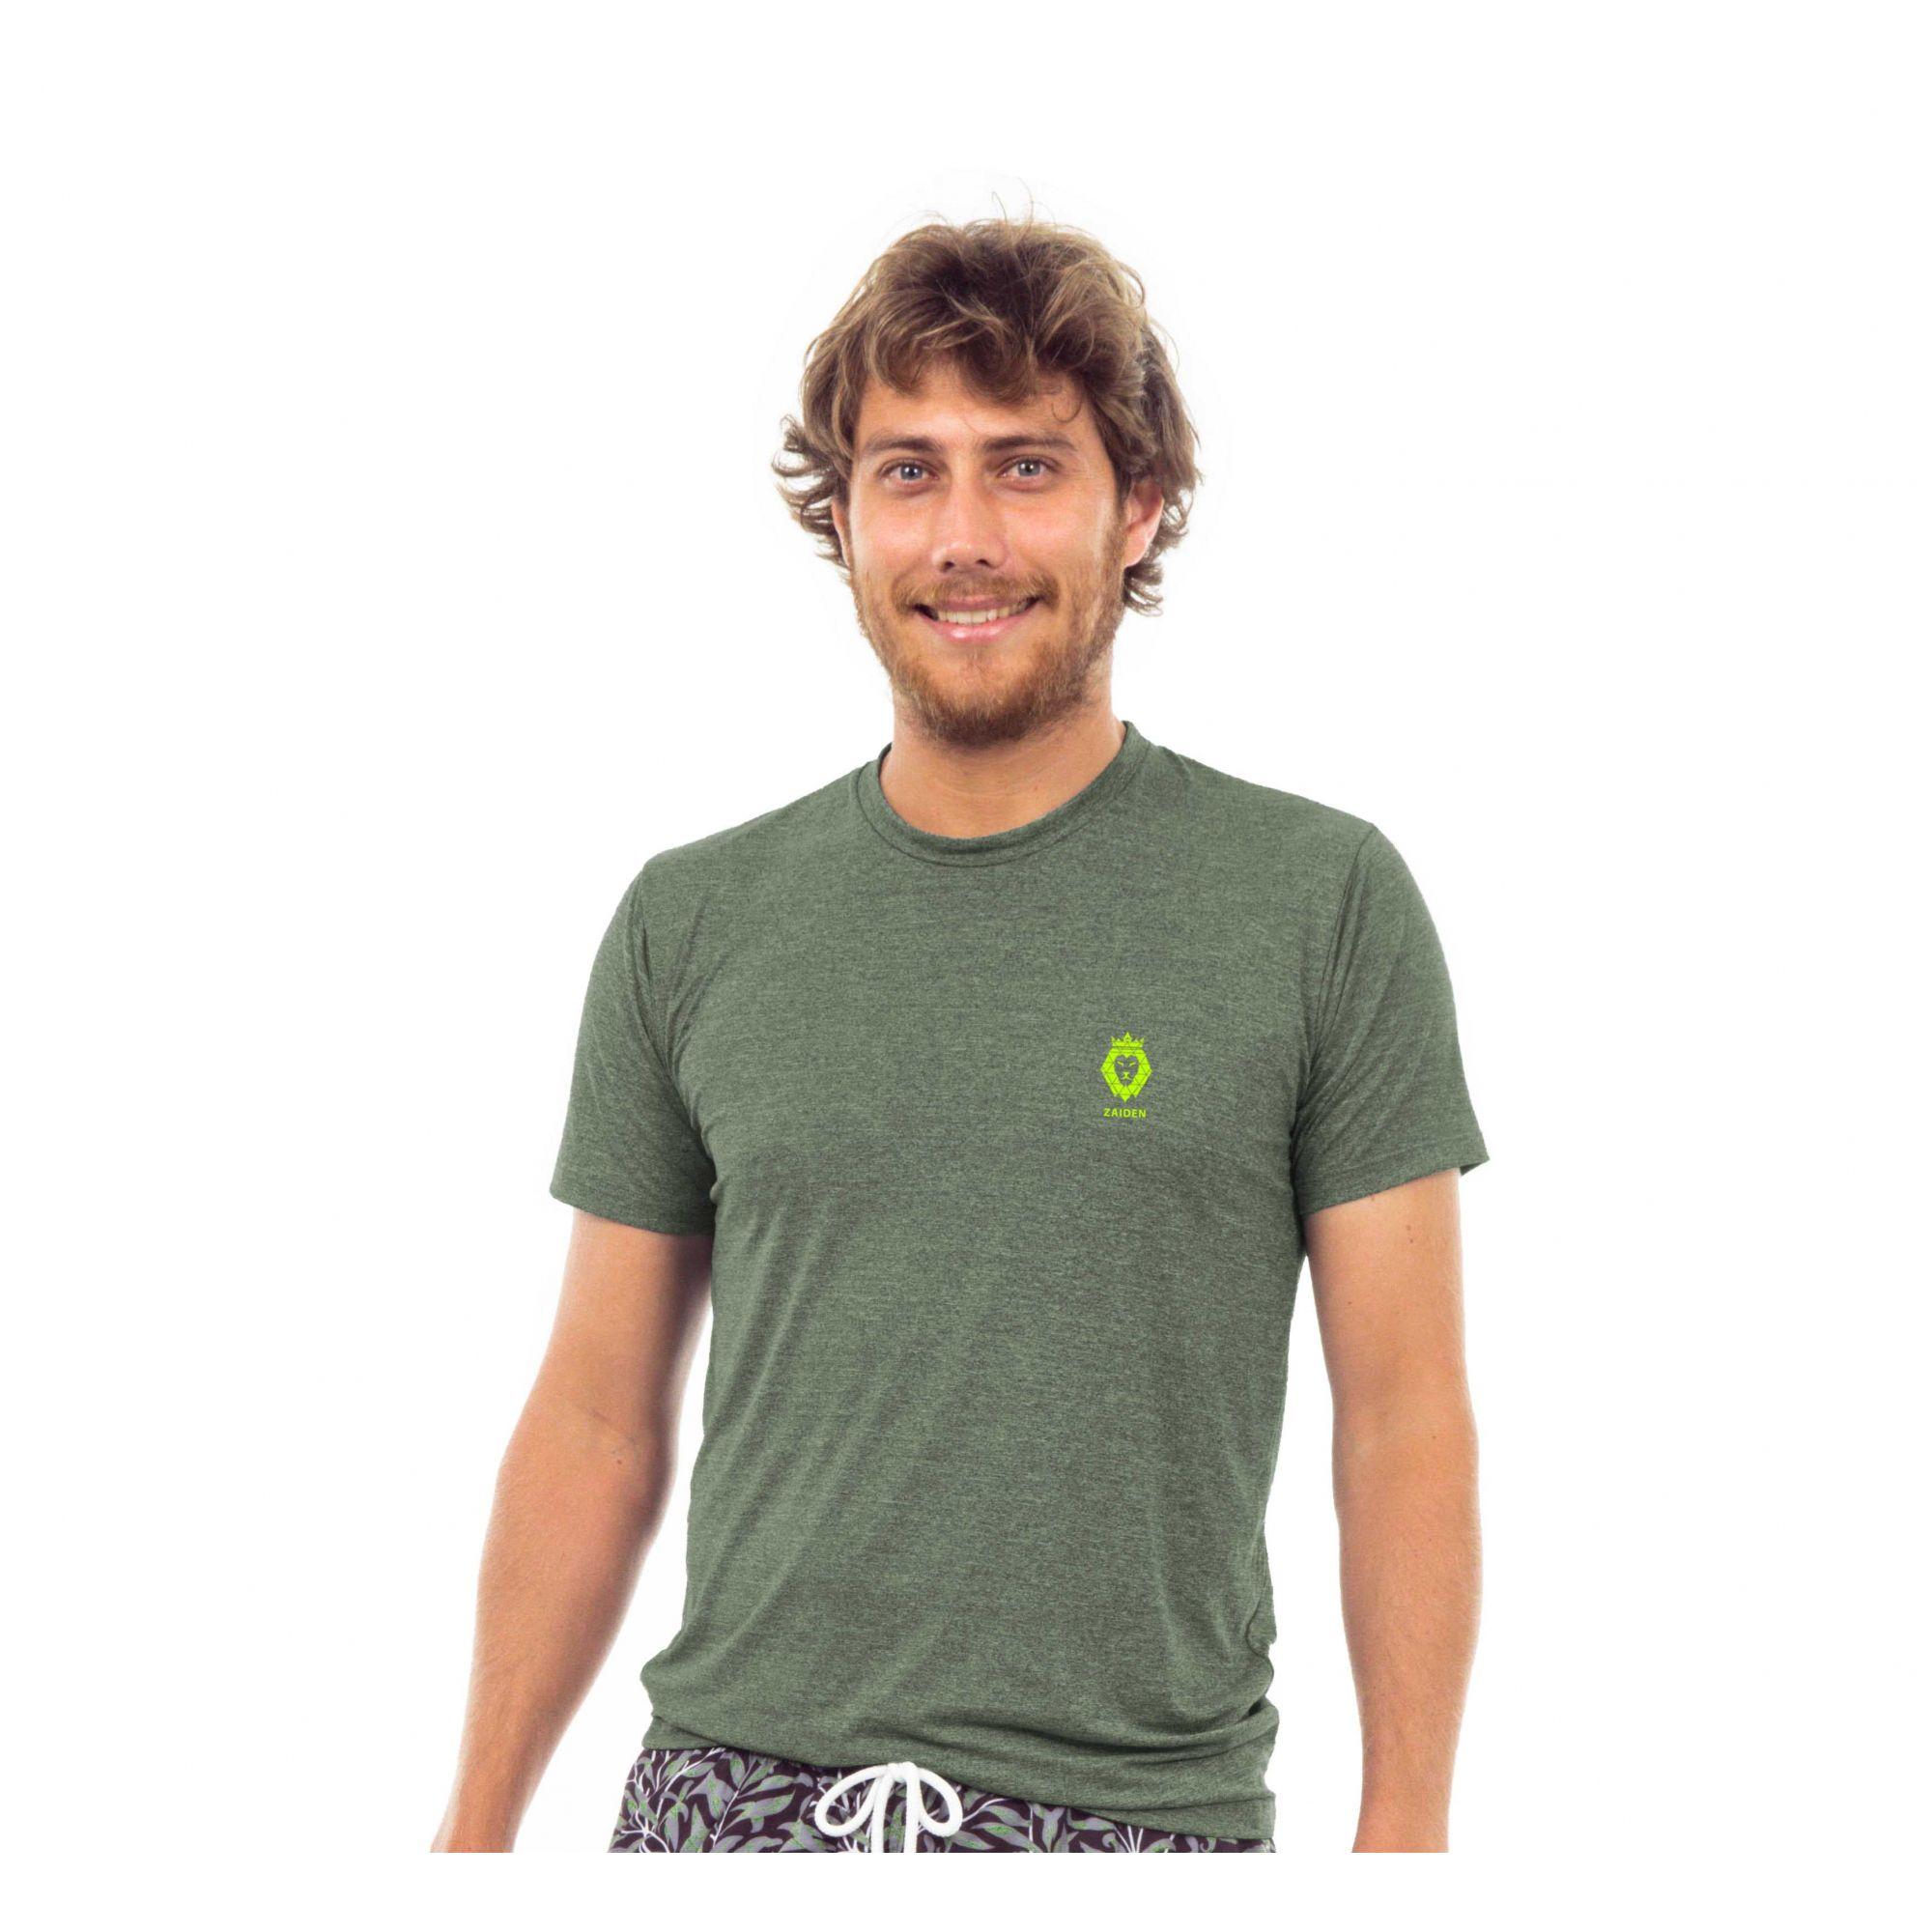 Camiseta Masculina Poliamida Zaiden Oxy Mescla Verde Leão Amarelo